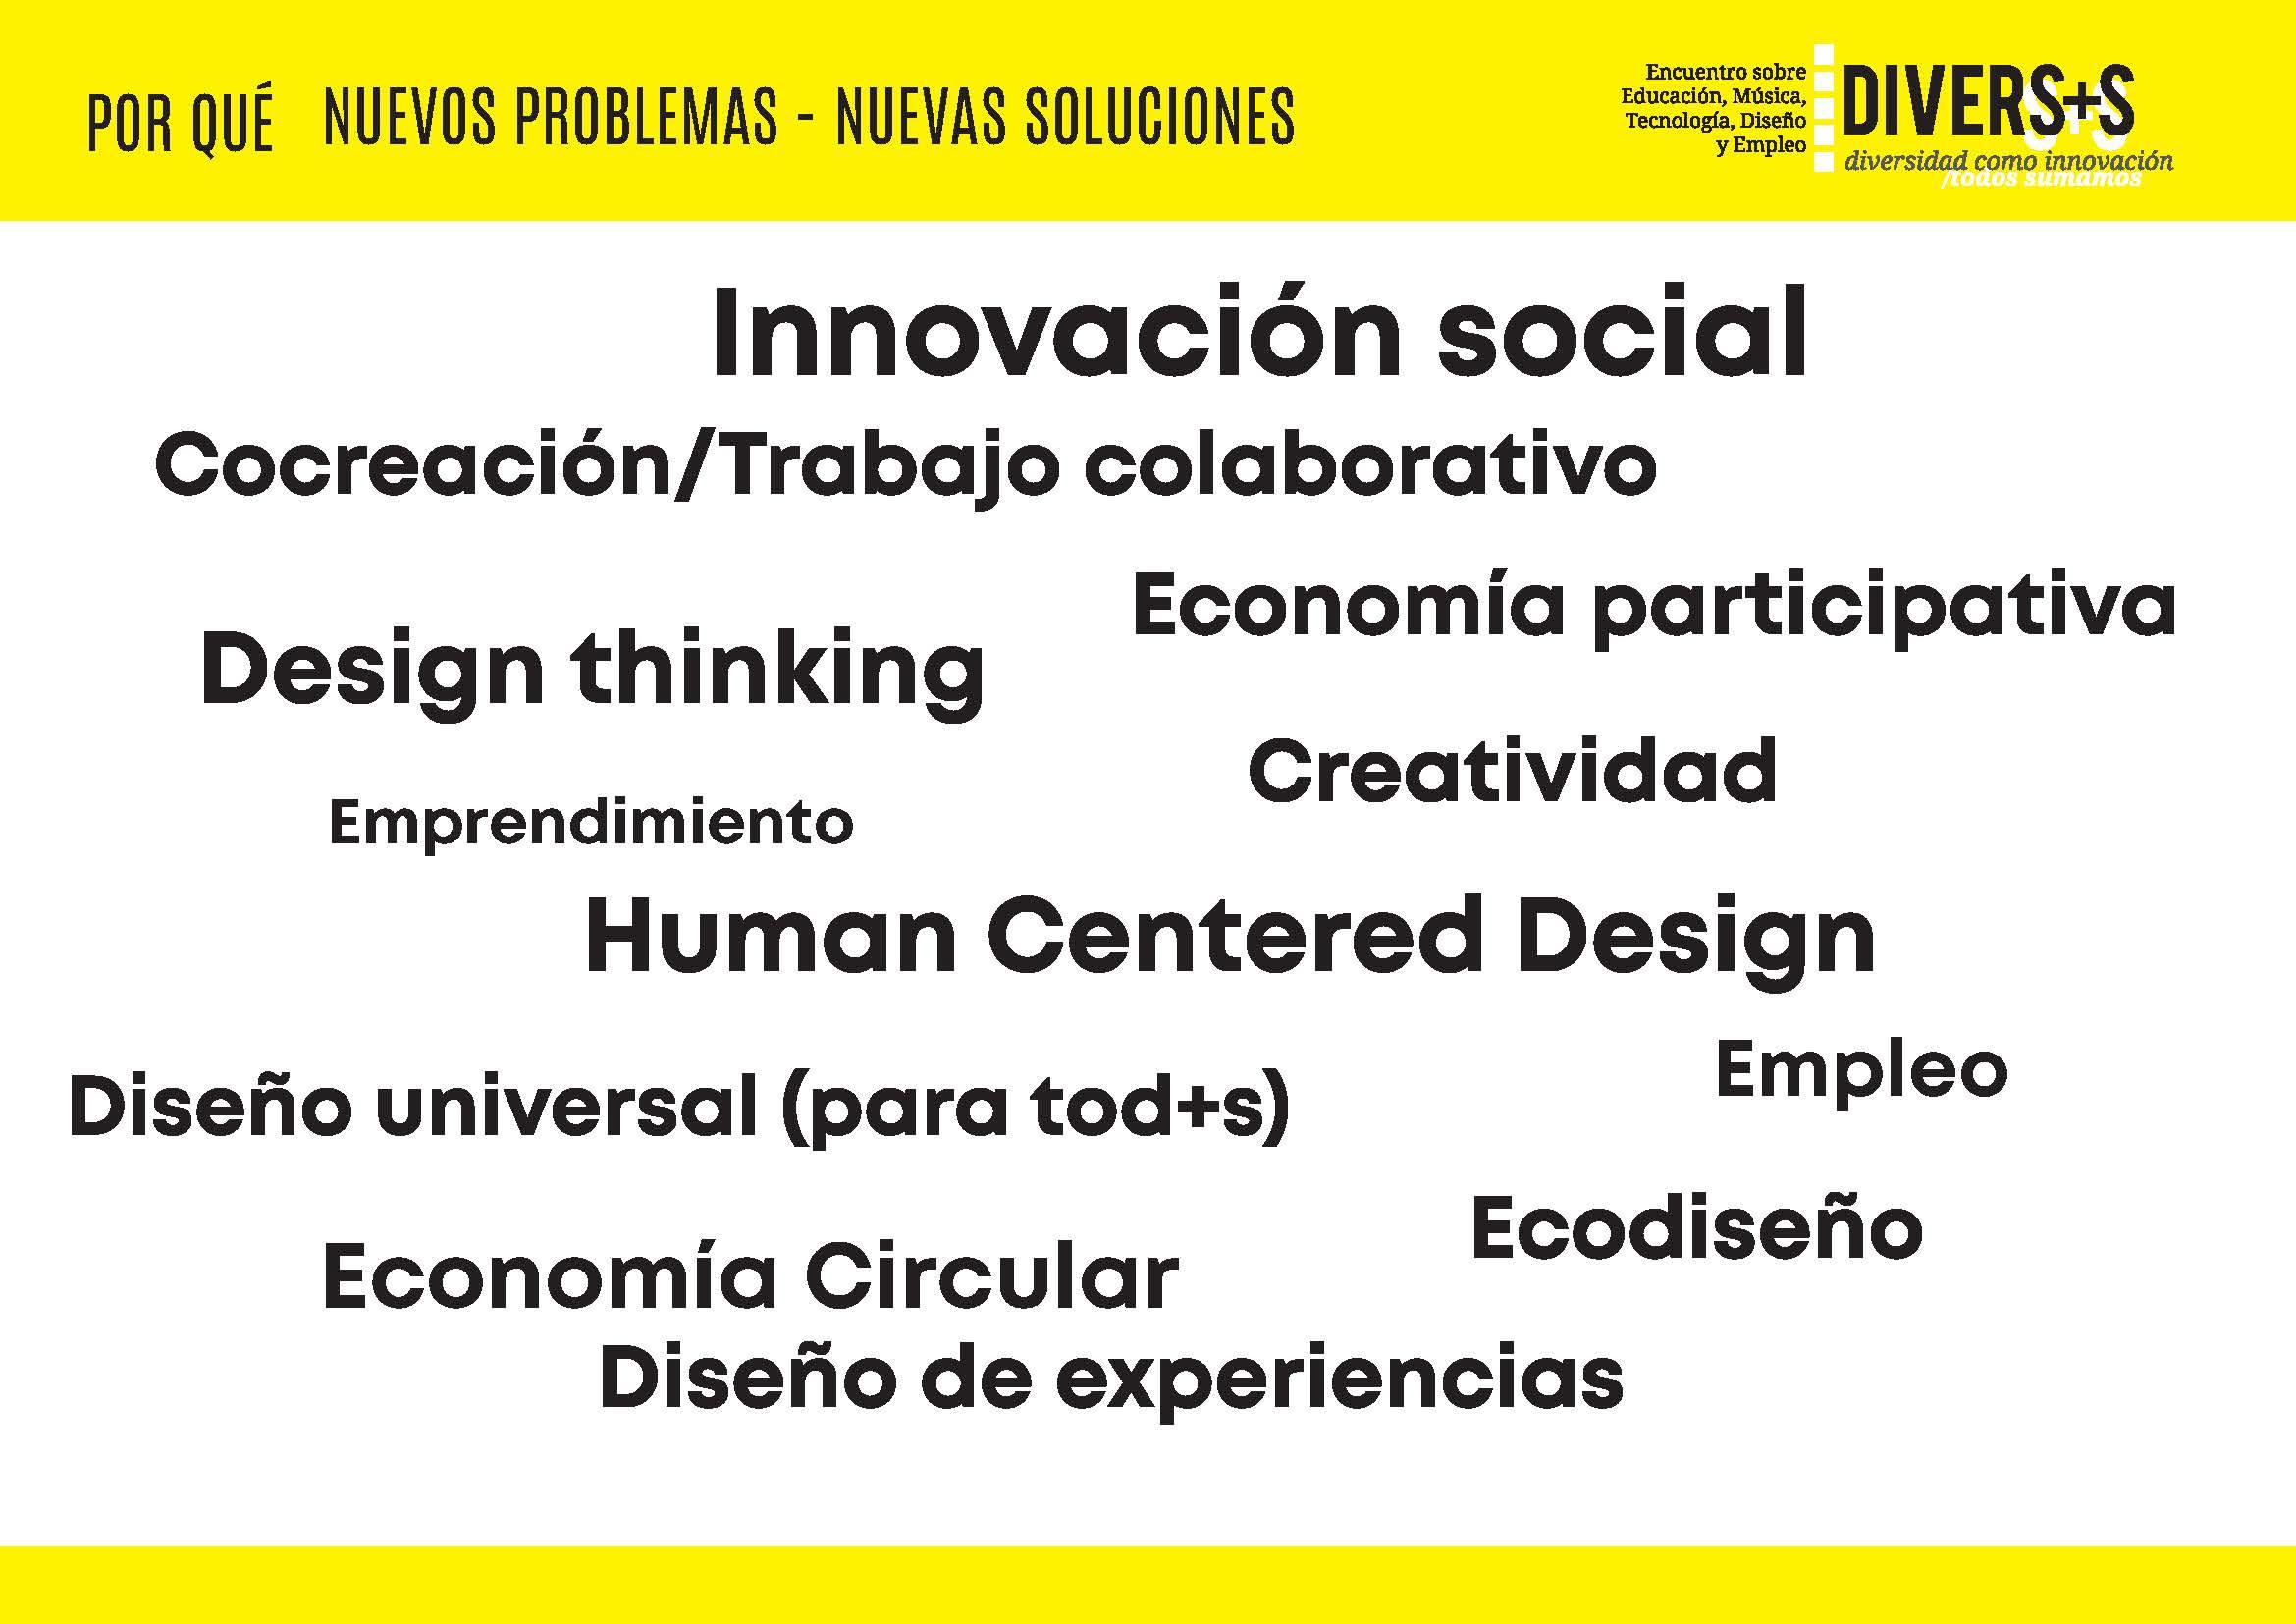 VALORES PROYECTO DIVERS+S CUENCA: la diversidad como innovación